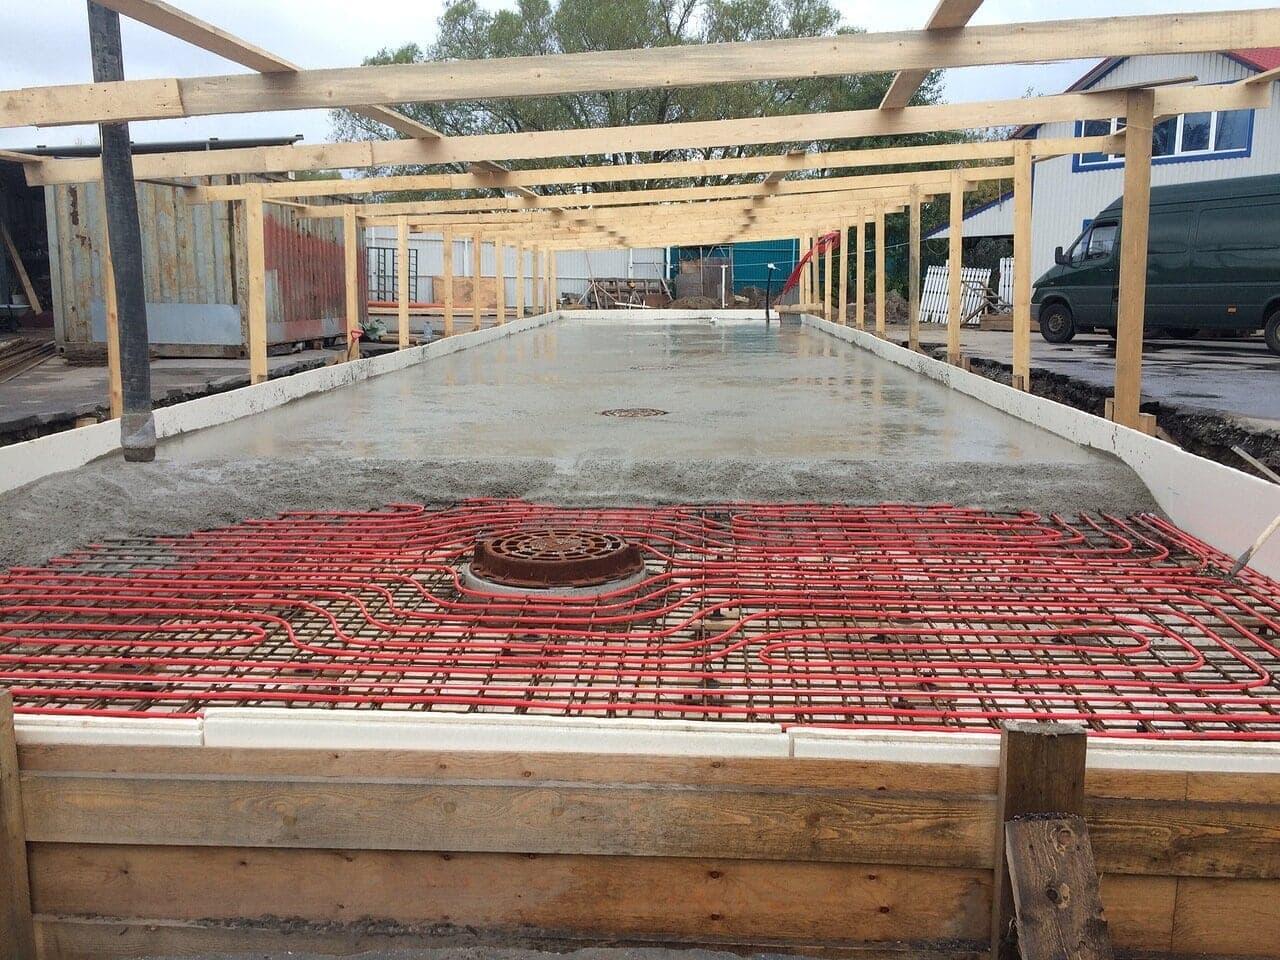 монолитный теплый бетонный пол для автомойки самообслуживания